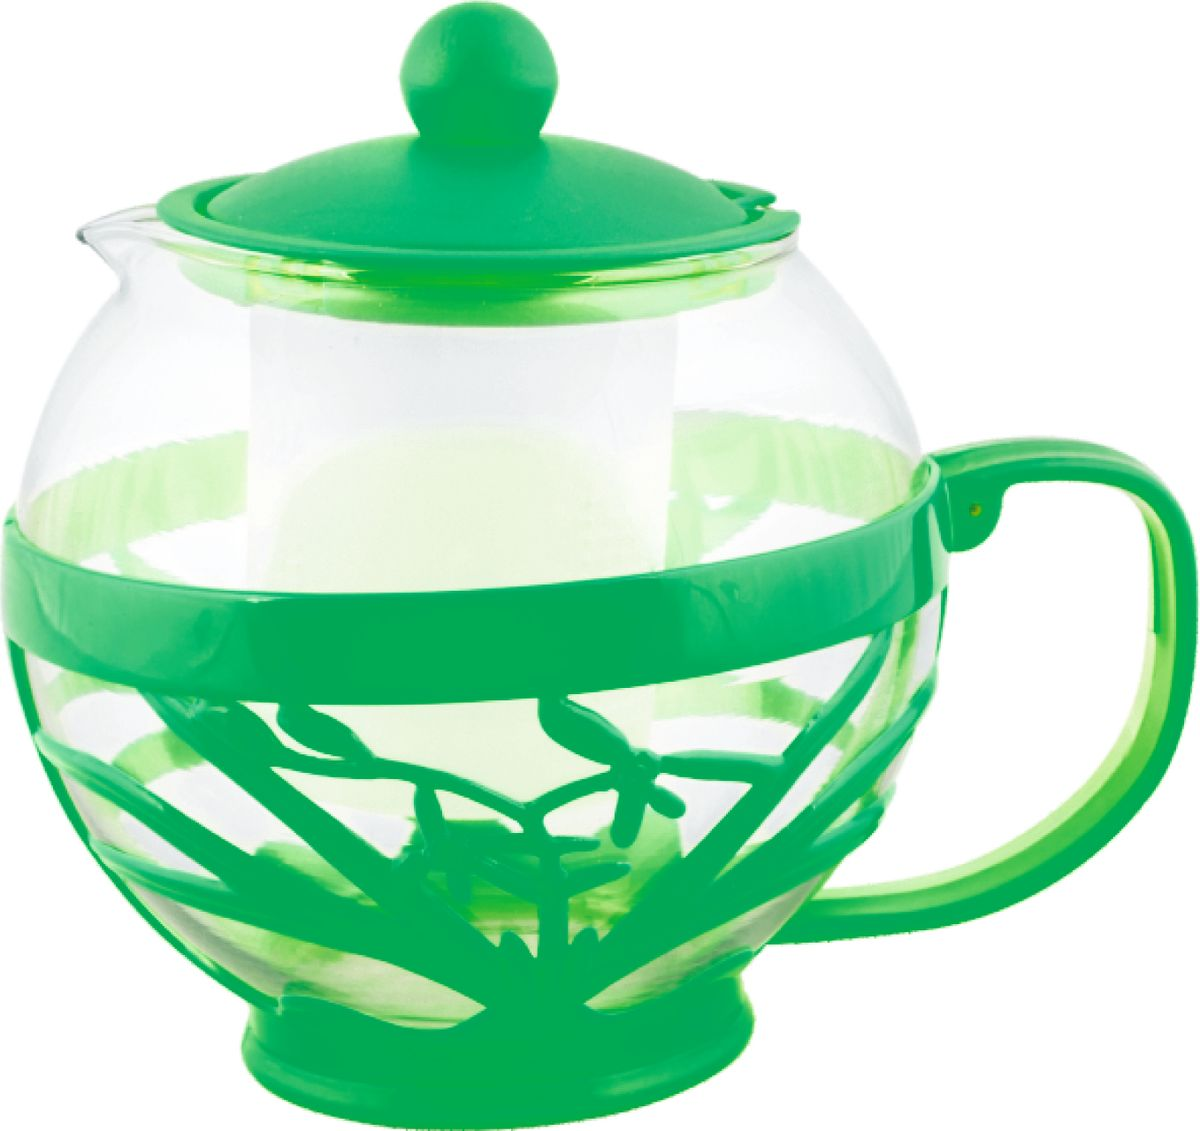 Чайник заварочный Irit, цвет: зеленый, 0,75 л. KTZ-075-006105-105Чайник заварочный 0,75л, термостойкий не нагревающийся пластик, ударостойкое жаропрочное стекло, фильтр из высококачественной нержавеющей стали